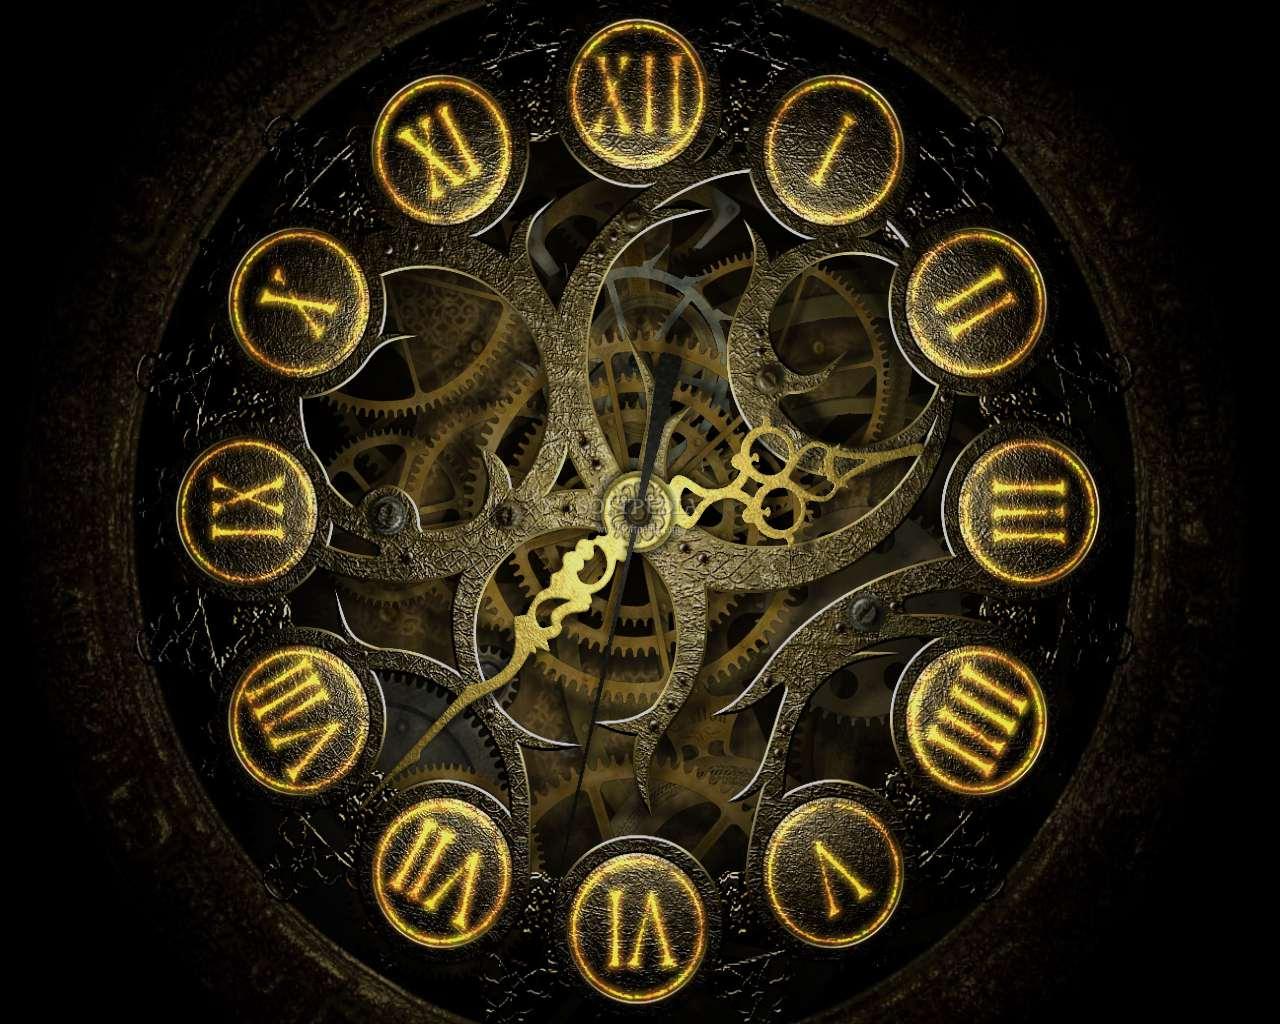 3d clock wallpaper - photo #13